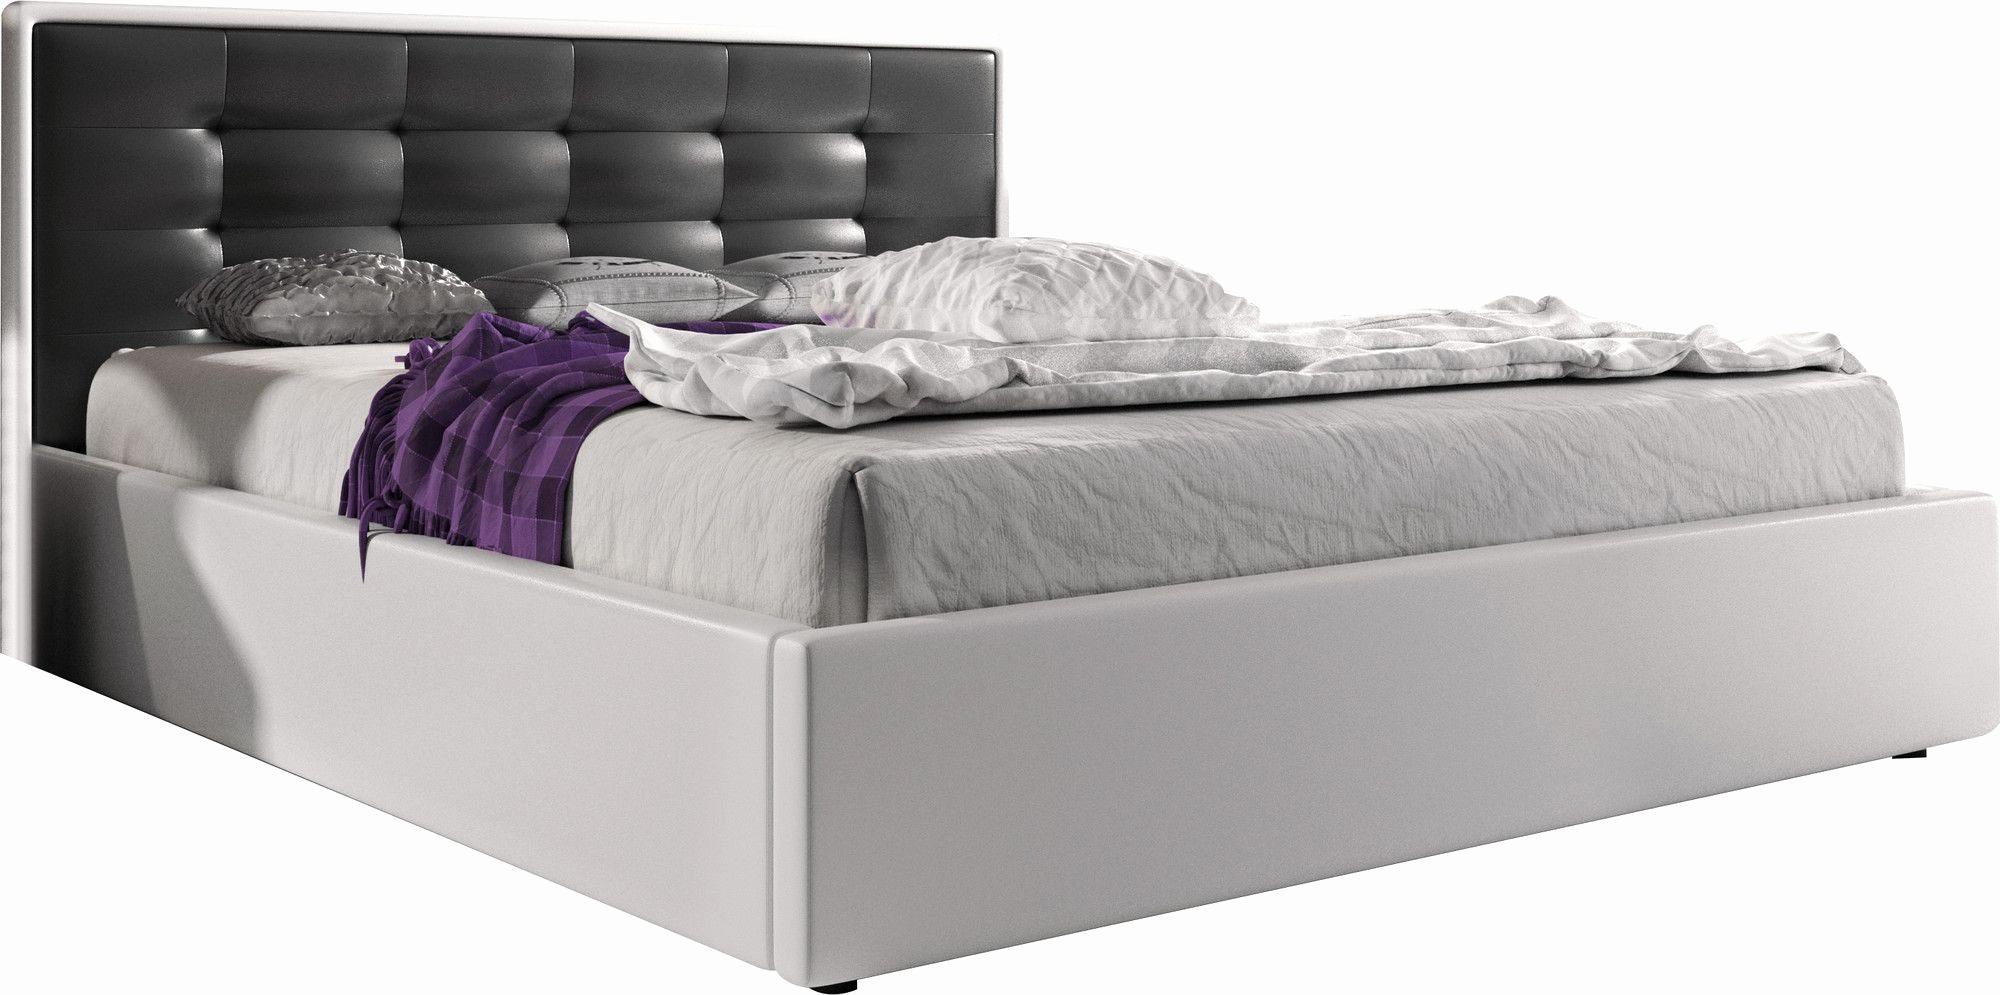 Lit 160×200 sommier Inclus Inspiré Lit Design 160—200 Fresh Lit Design En Tissu Lit Double 160—200 Cm